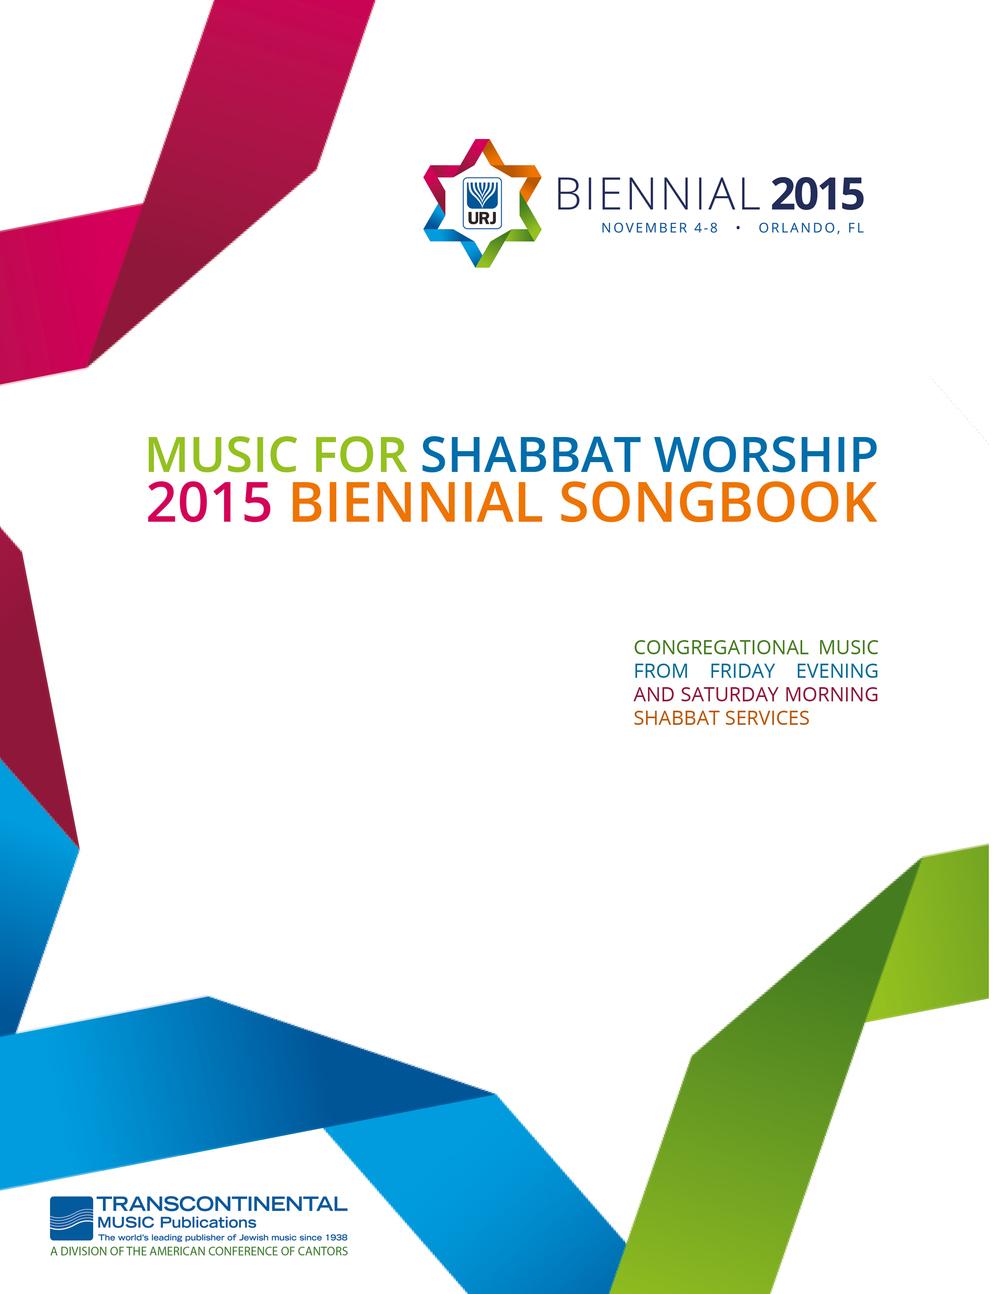 152015-Biennial-Songbook-cover.jpg